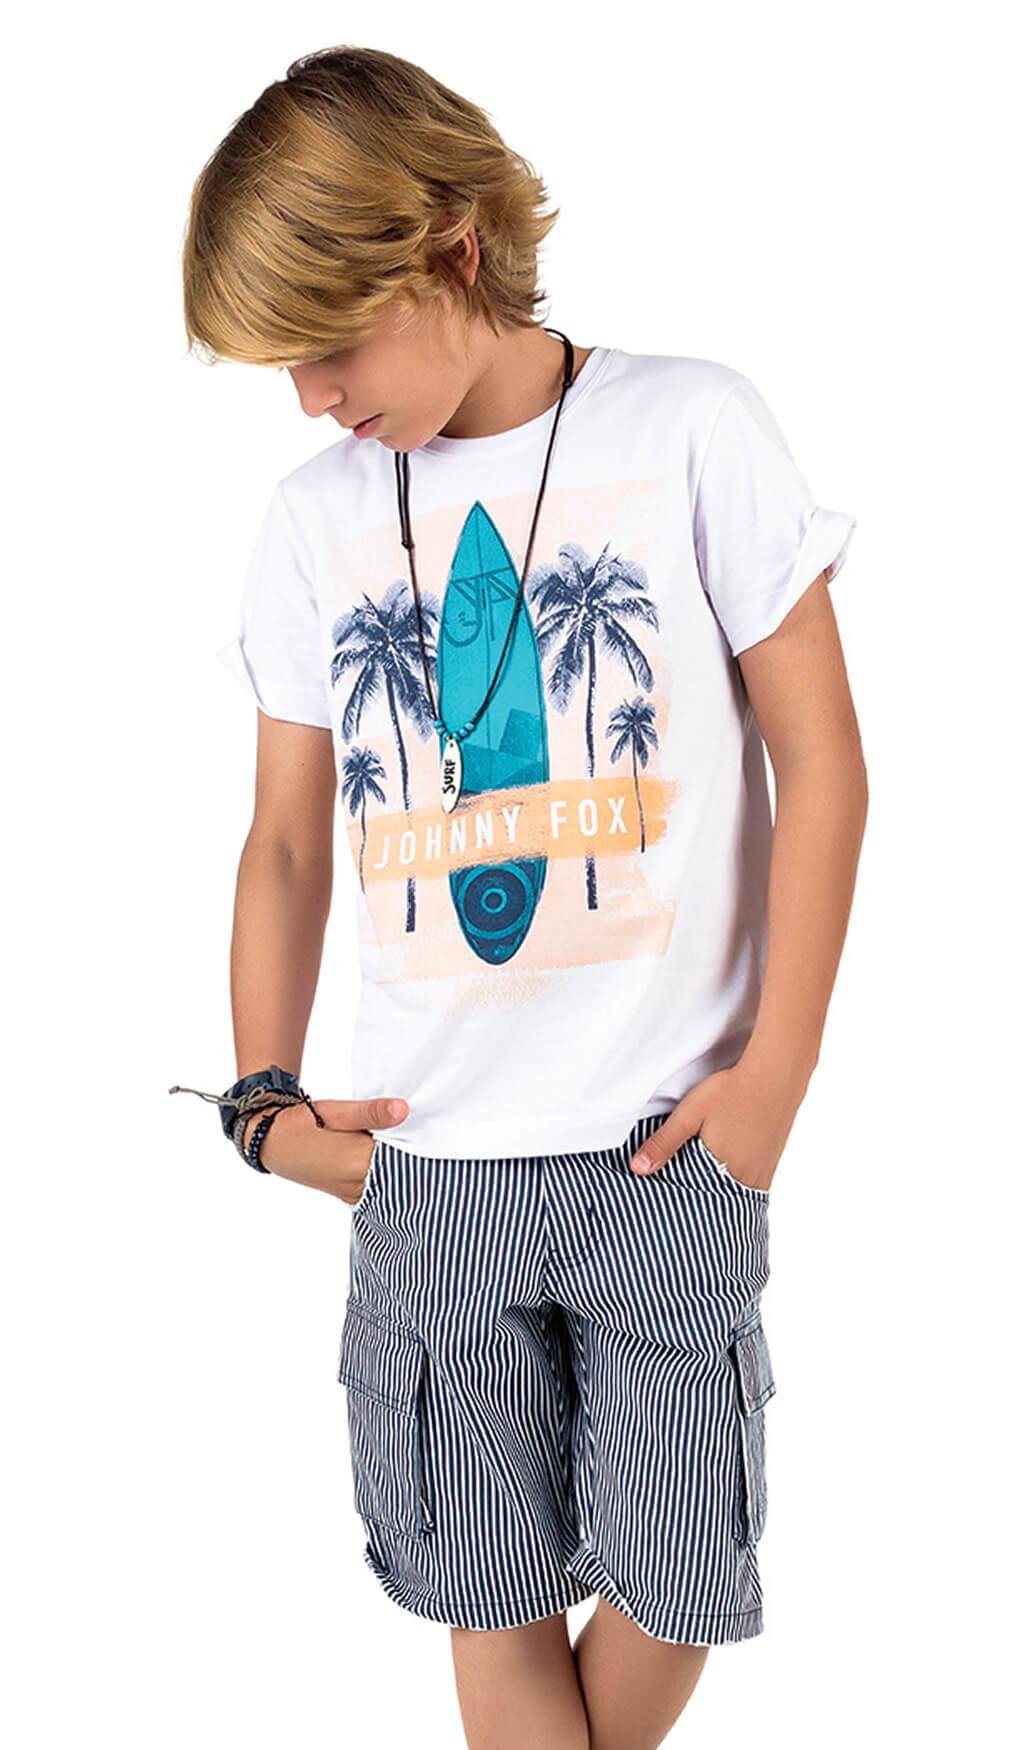 Conjunto Infantil Camiseta Branca Surf e Bermuda Jeans Listrada Azul e Branco Johnny Fox 6anos